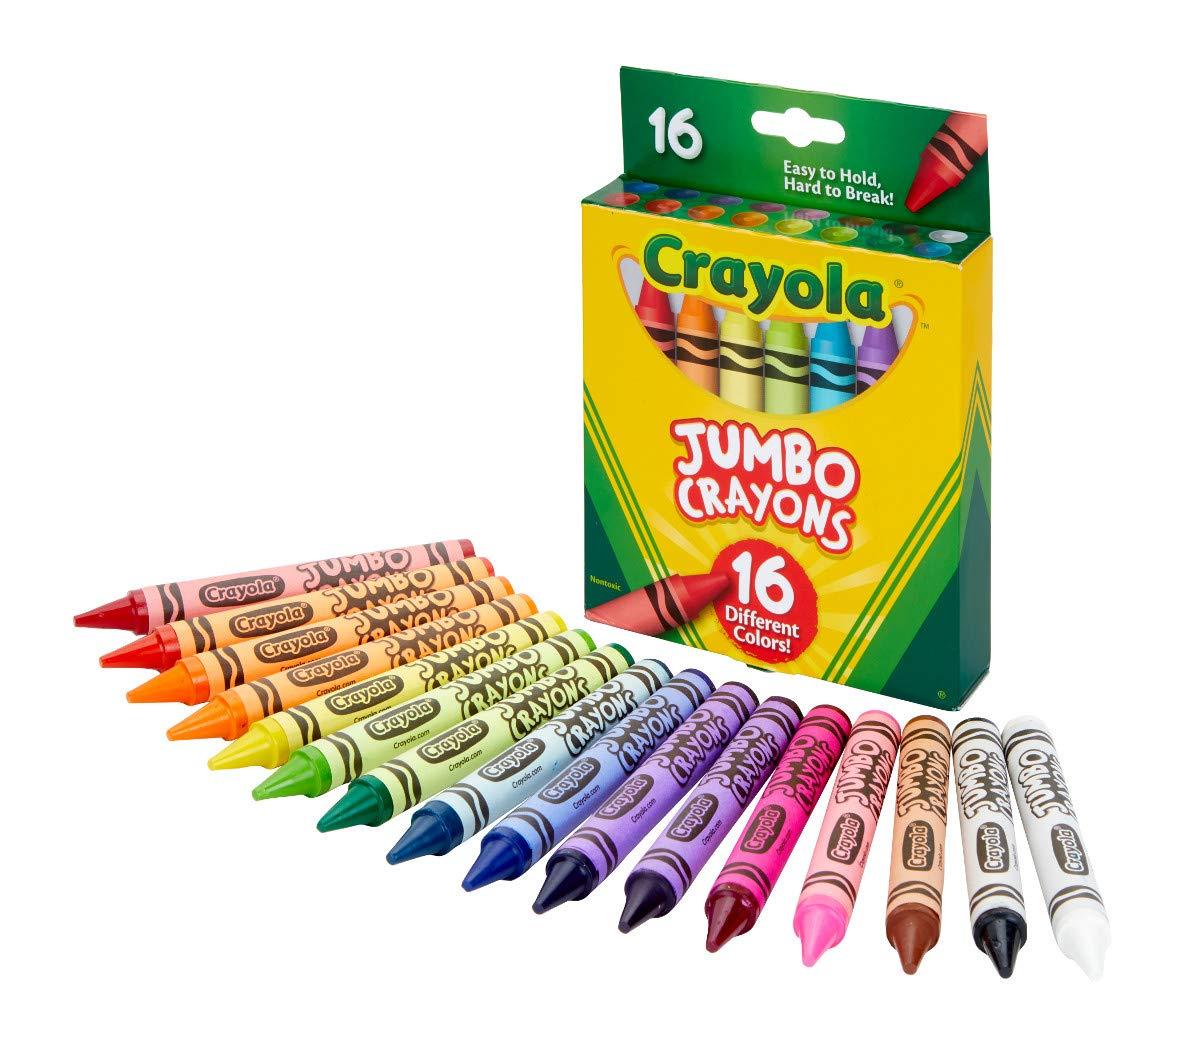 Crayola Jumbo Crayons 16Count, Multicolor by Crayola (Image #1)